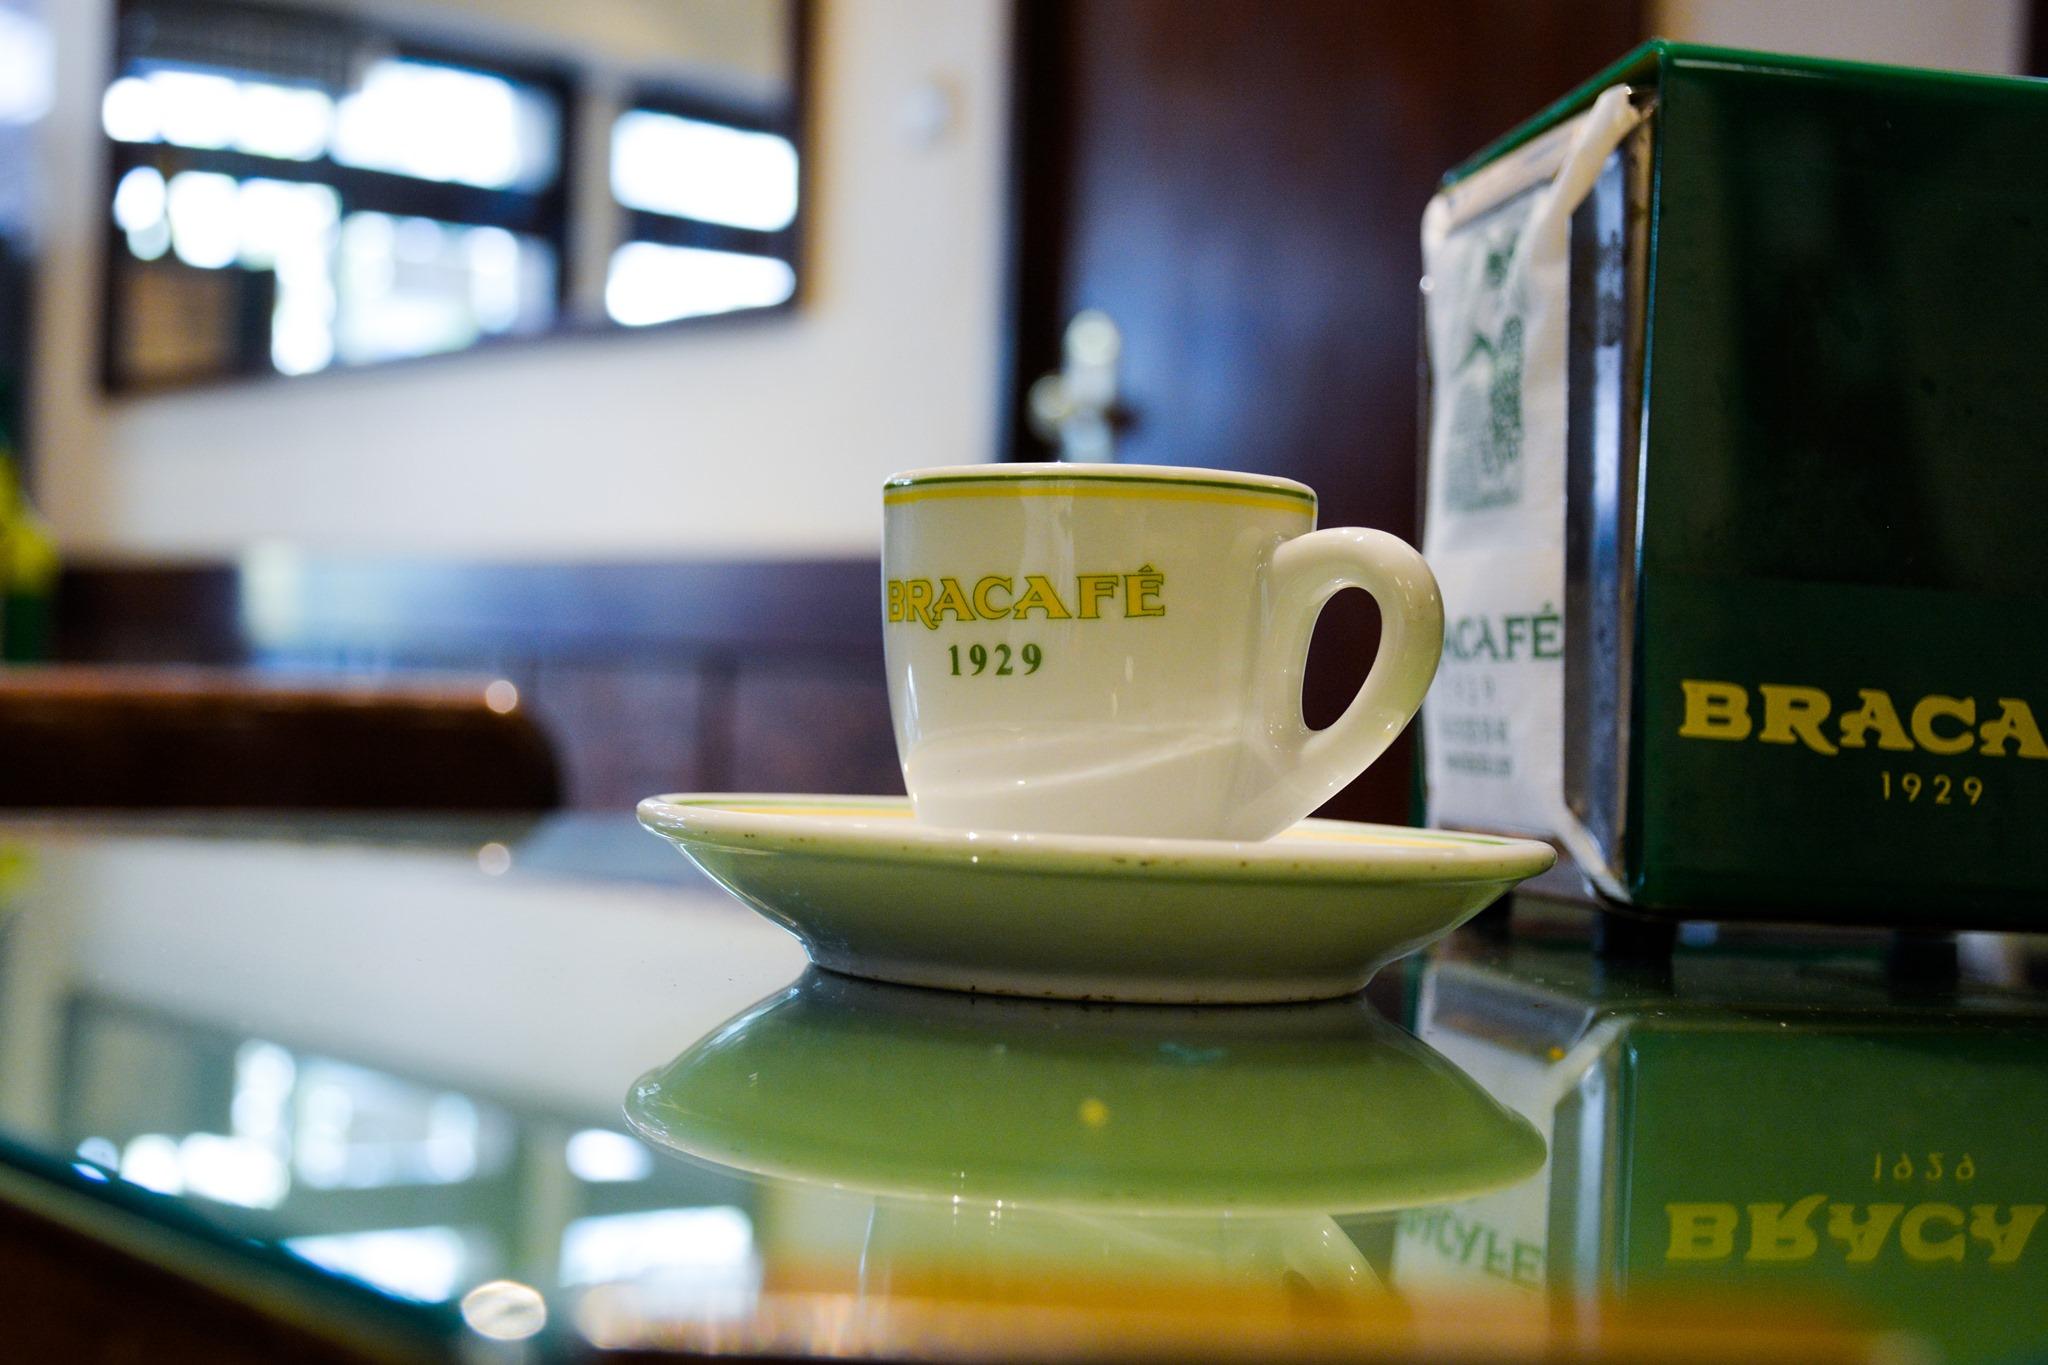 Gremi cafe - bracafe